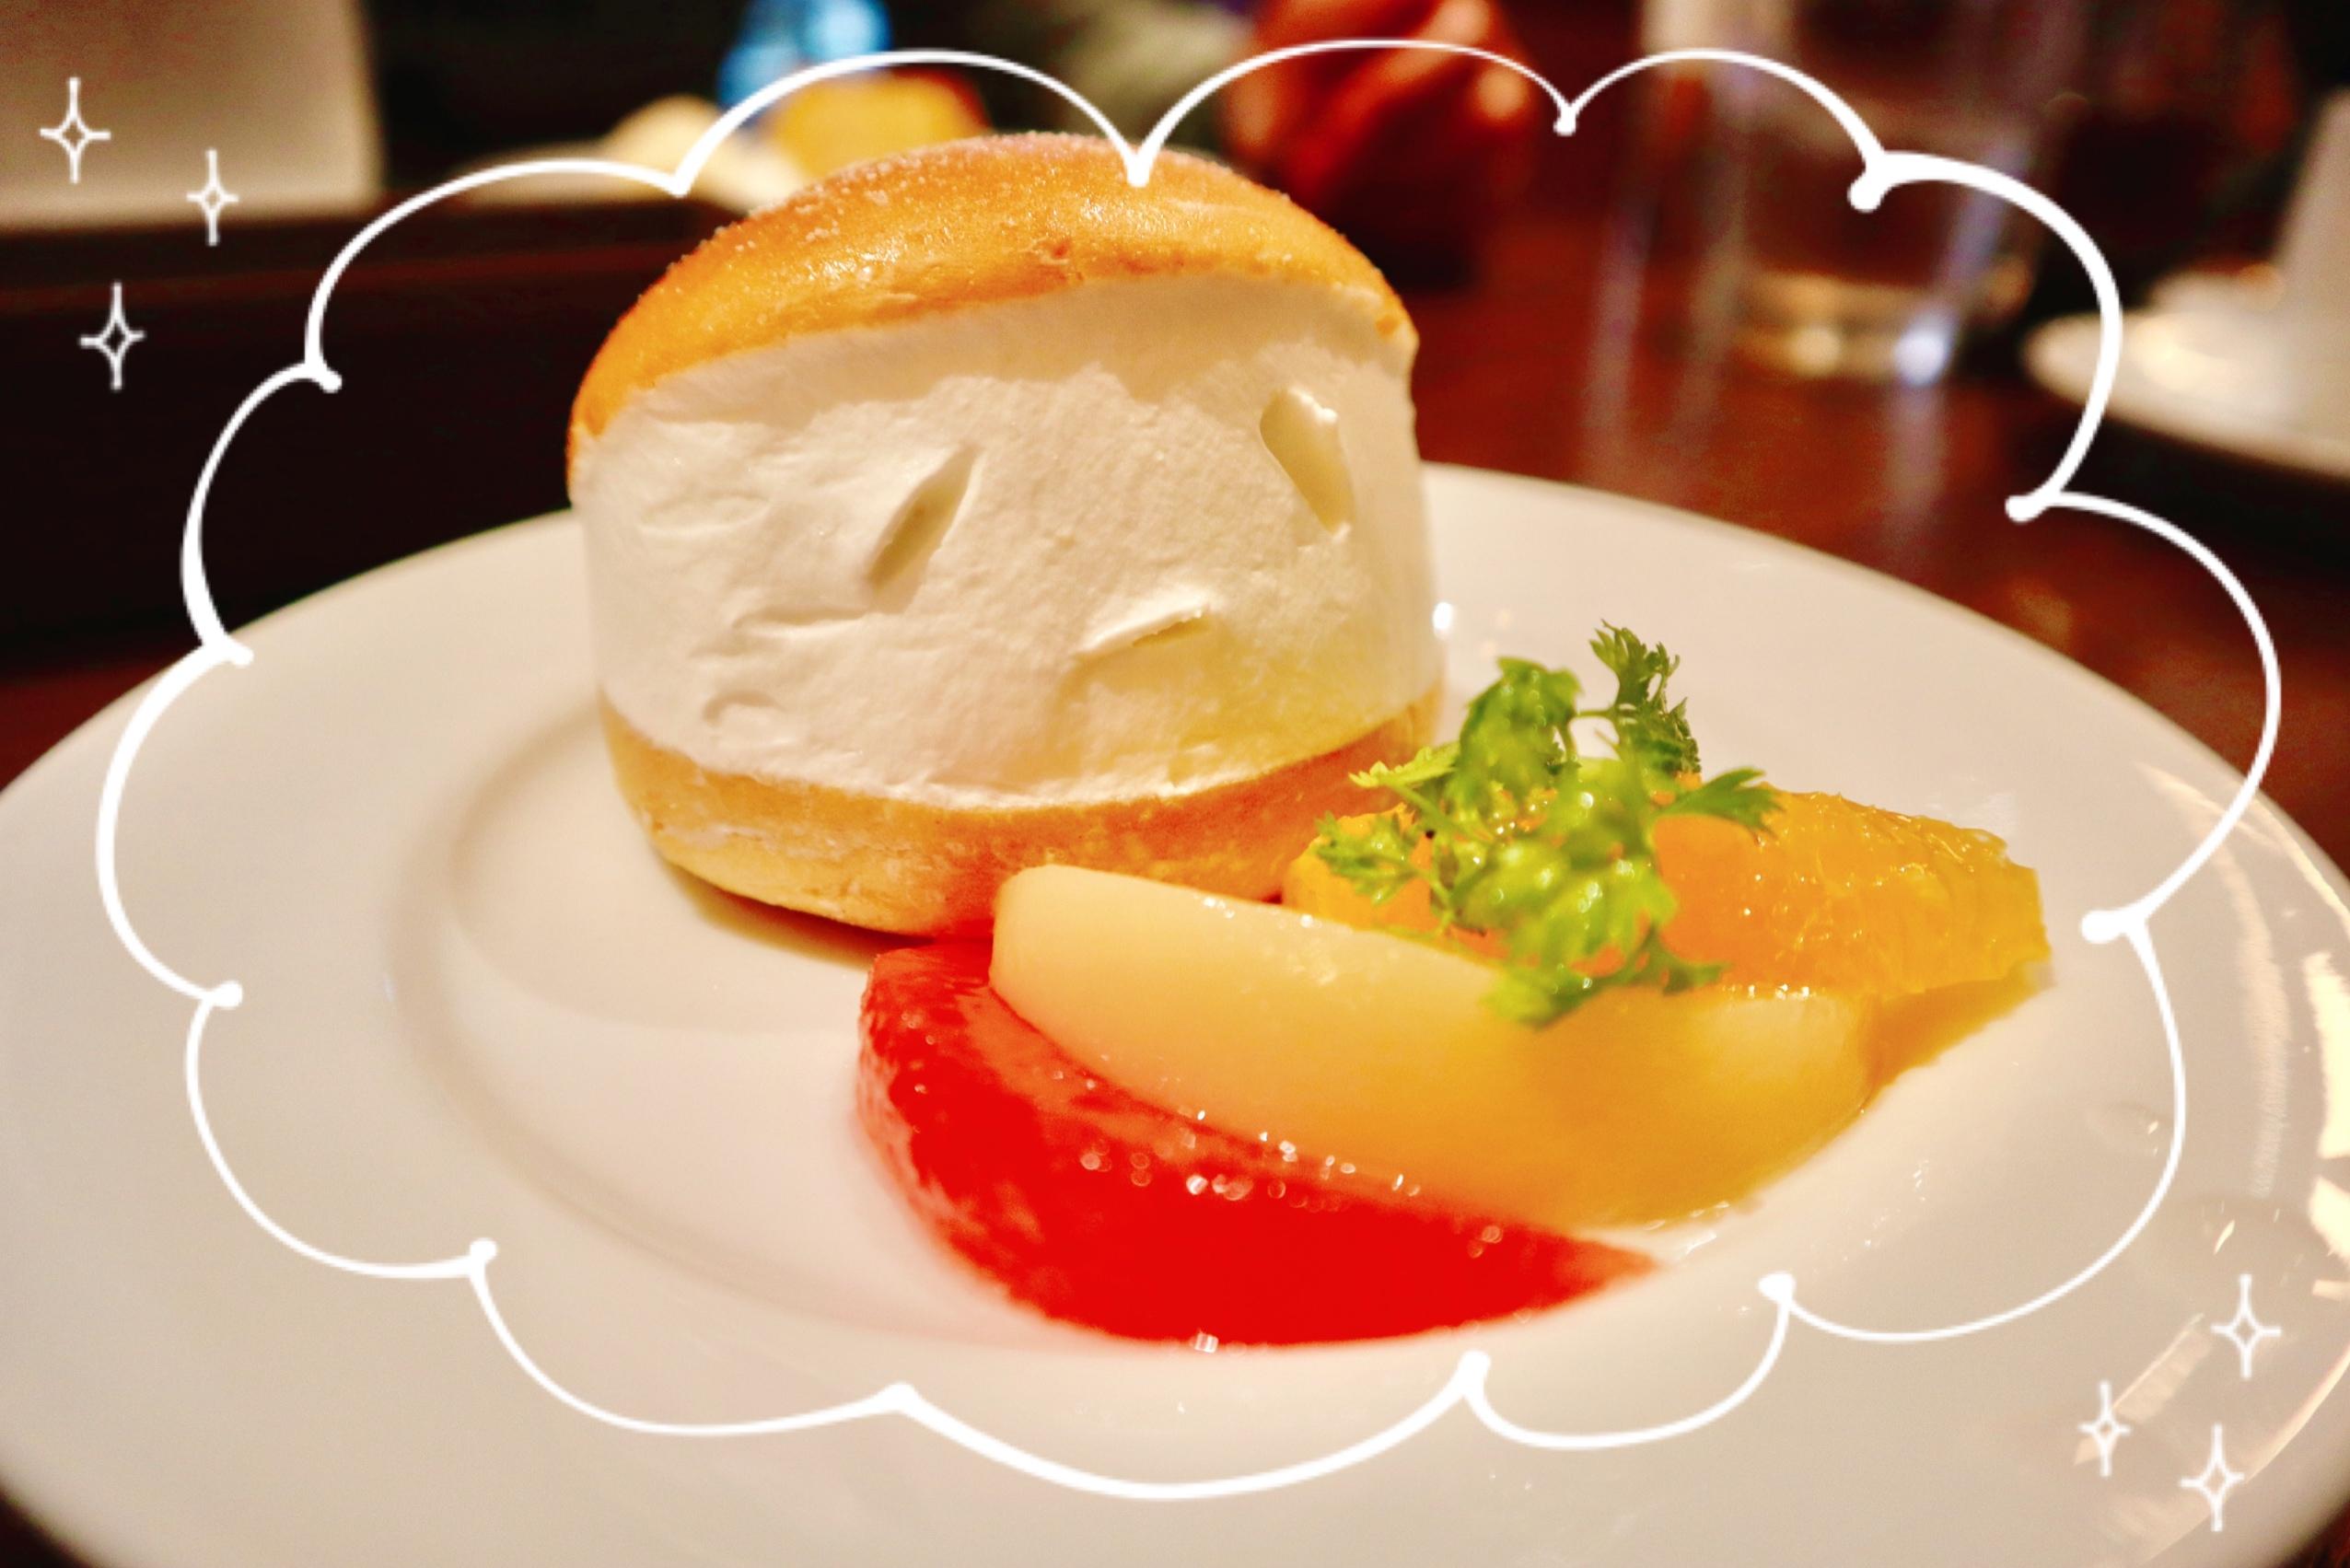 マリトッツォと、付け合わせのフルーツ。グレープフルーツや桃